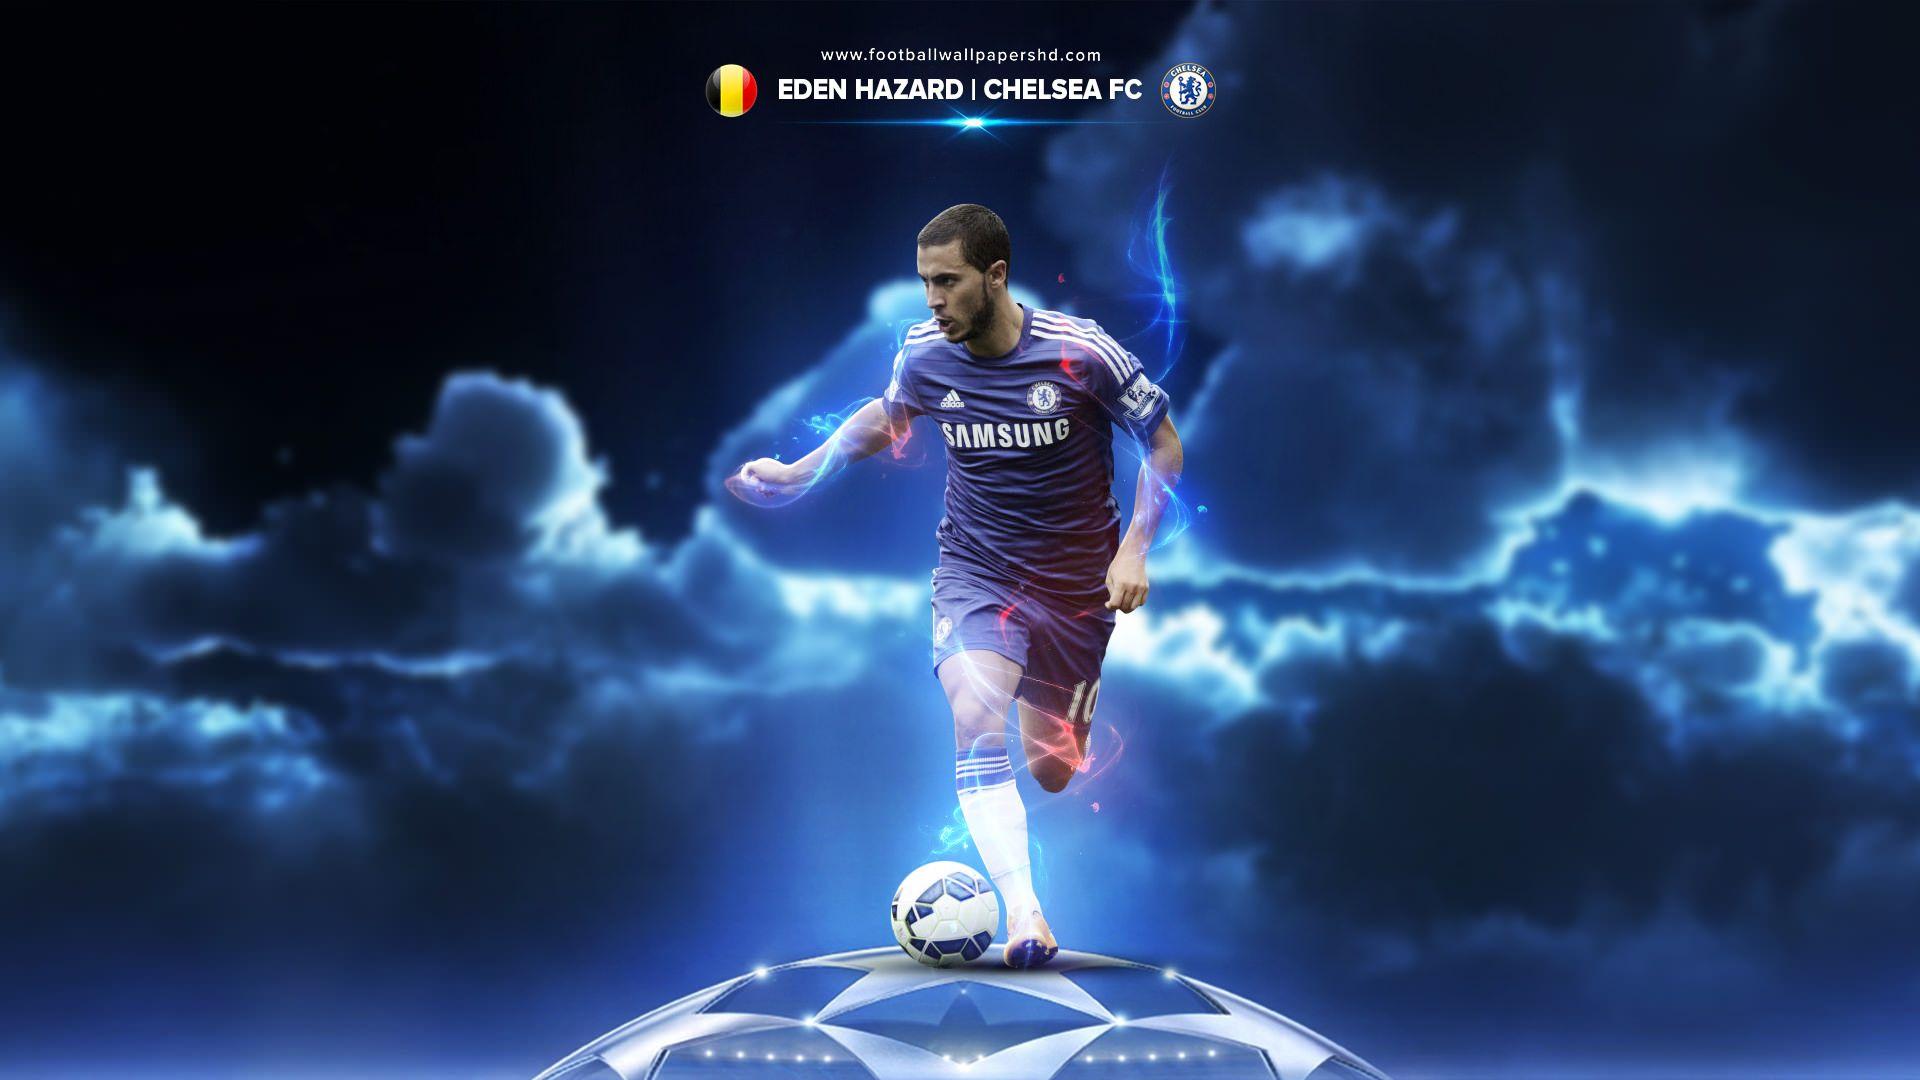 Eden Hazard Belgium Chelsea Wallpaper